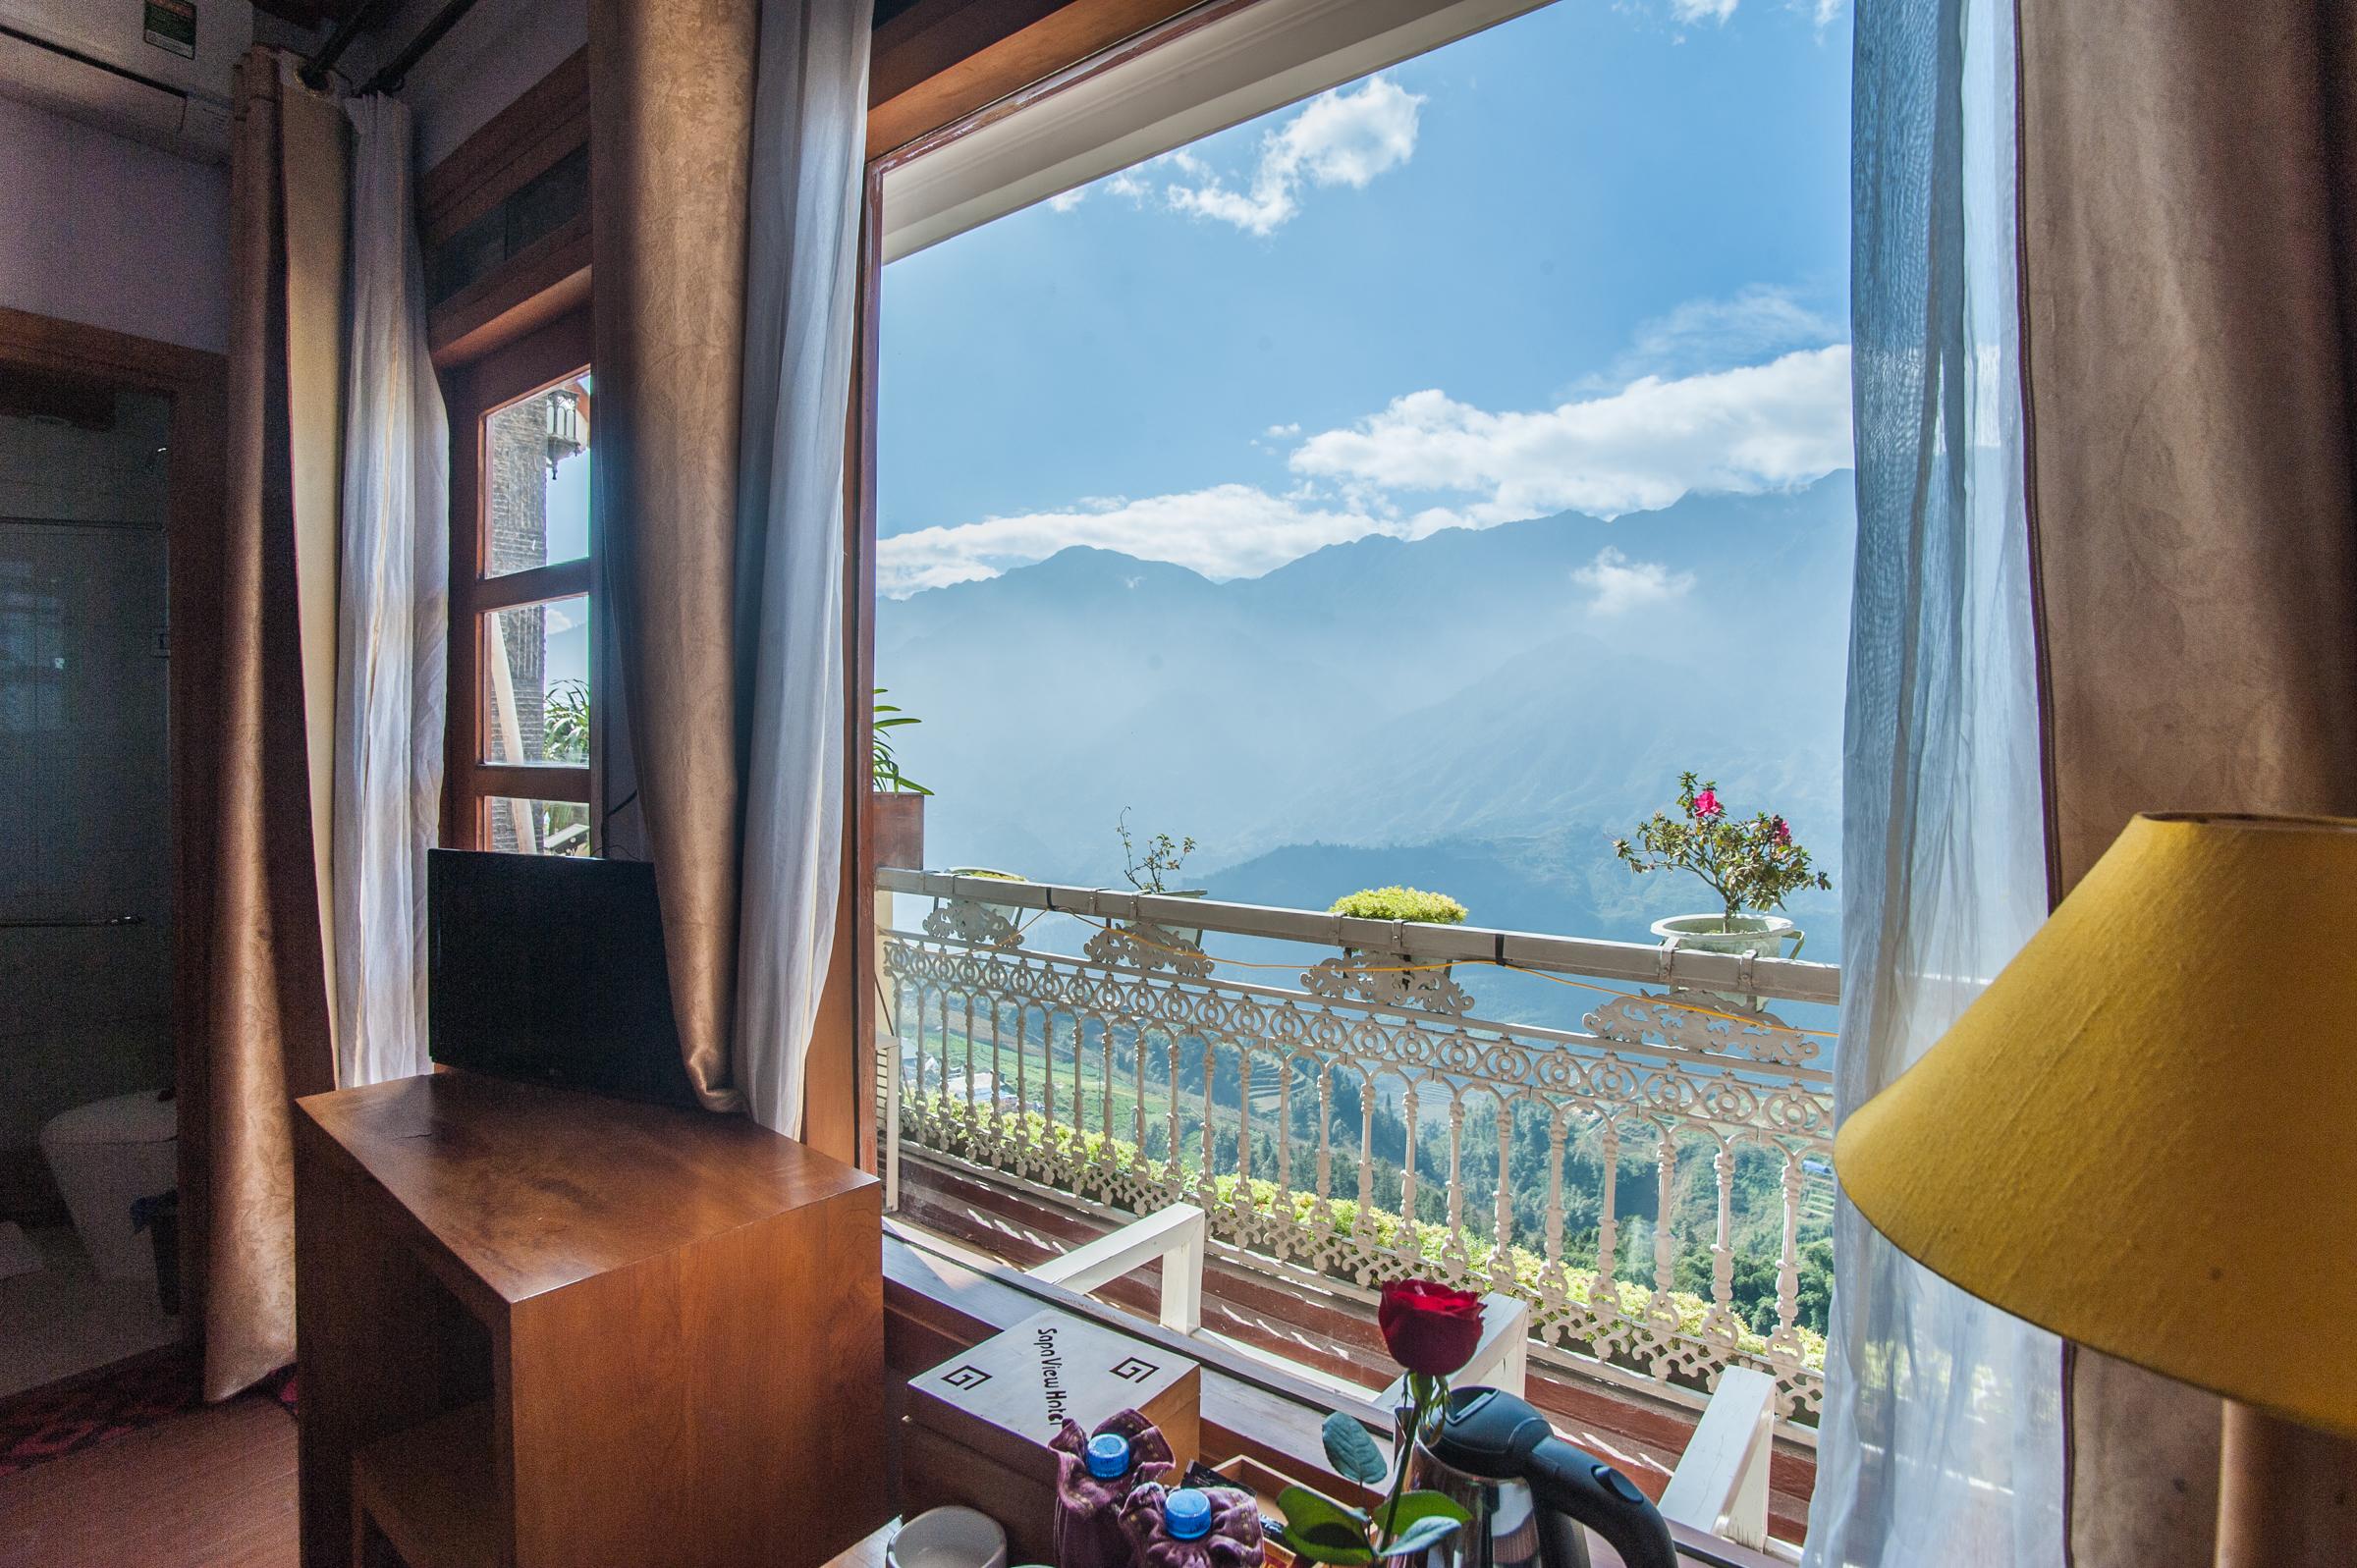 Từ ban công của Sapa View du khách có thể chiêm ngưỡng khung cảnh hùng vỹ của núi rừng Sapa